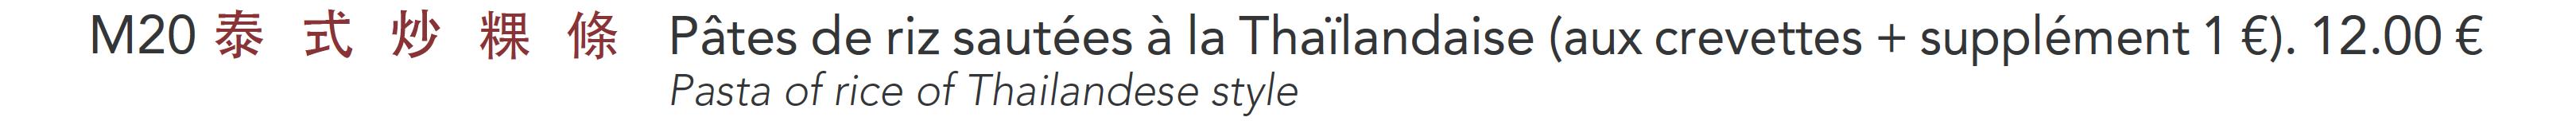 M20 - Pâtes de riz sautées à la Thaïlandaise